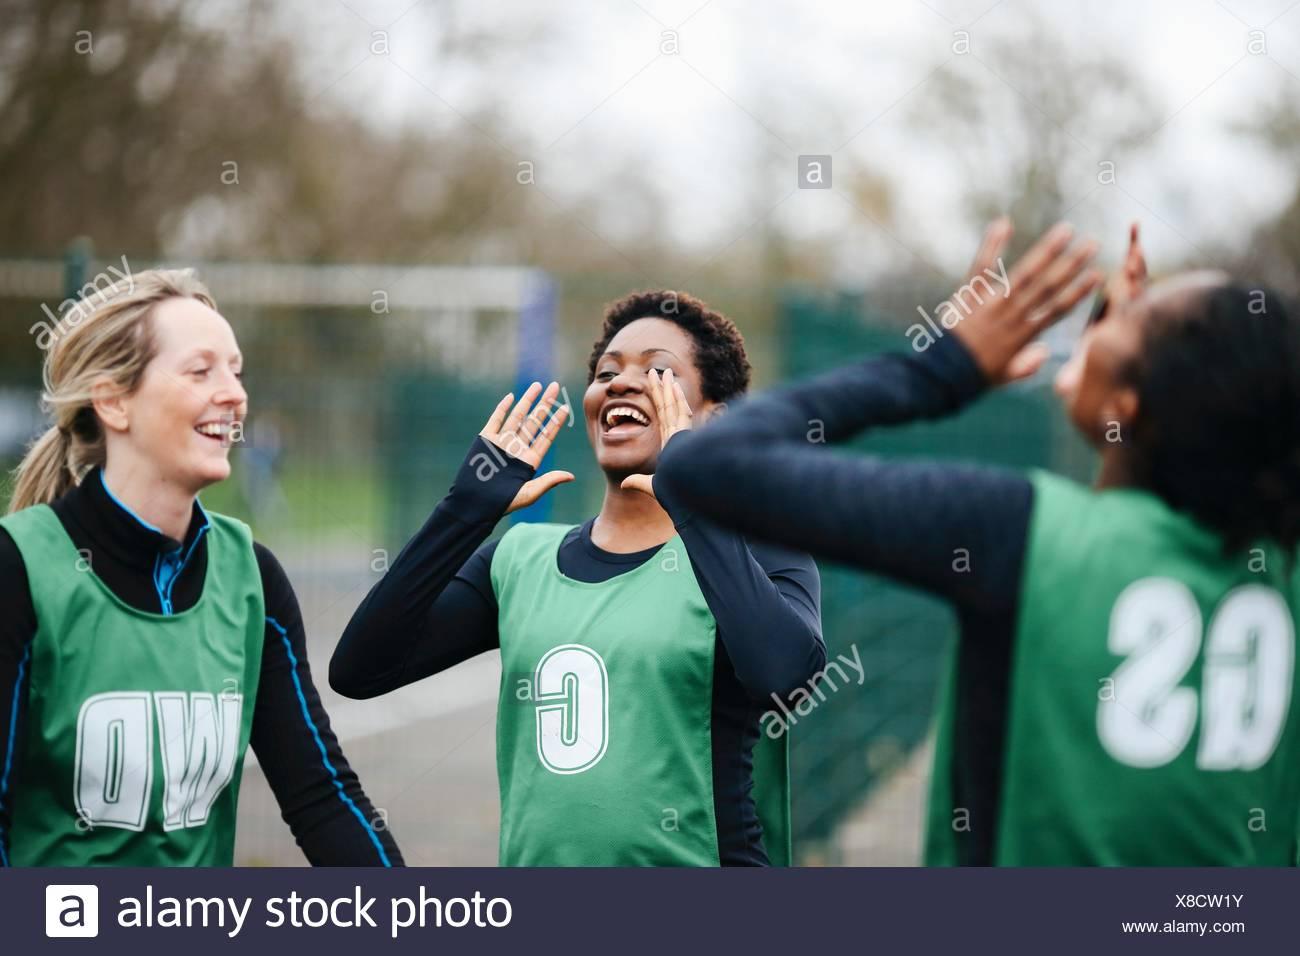 Adult female netball team celebrating win on netball court - Stock Image